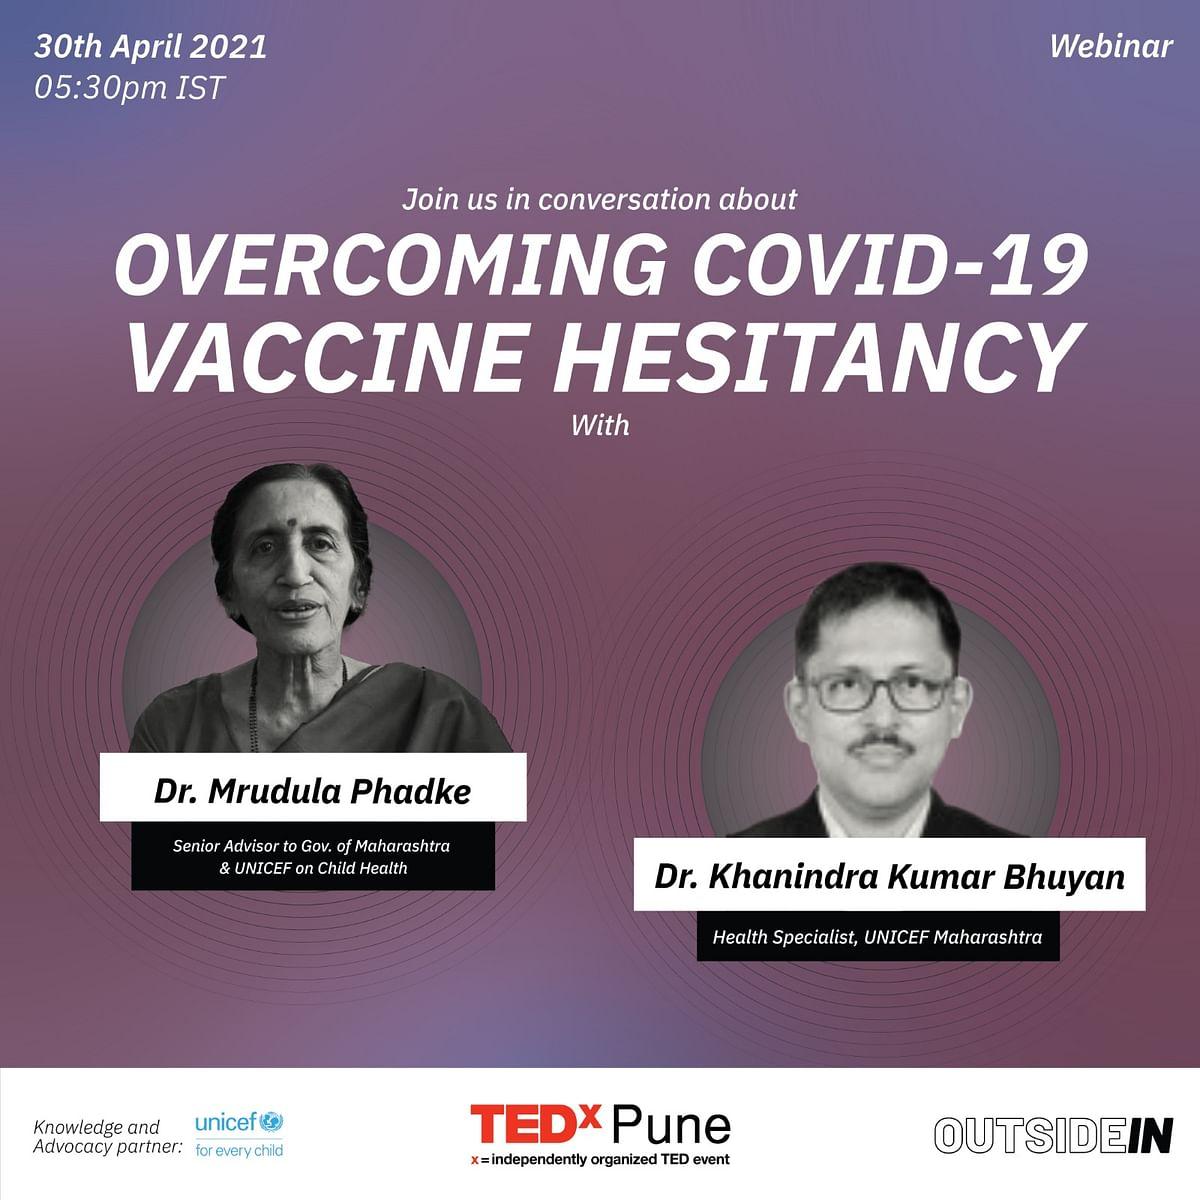 TEDxPune